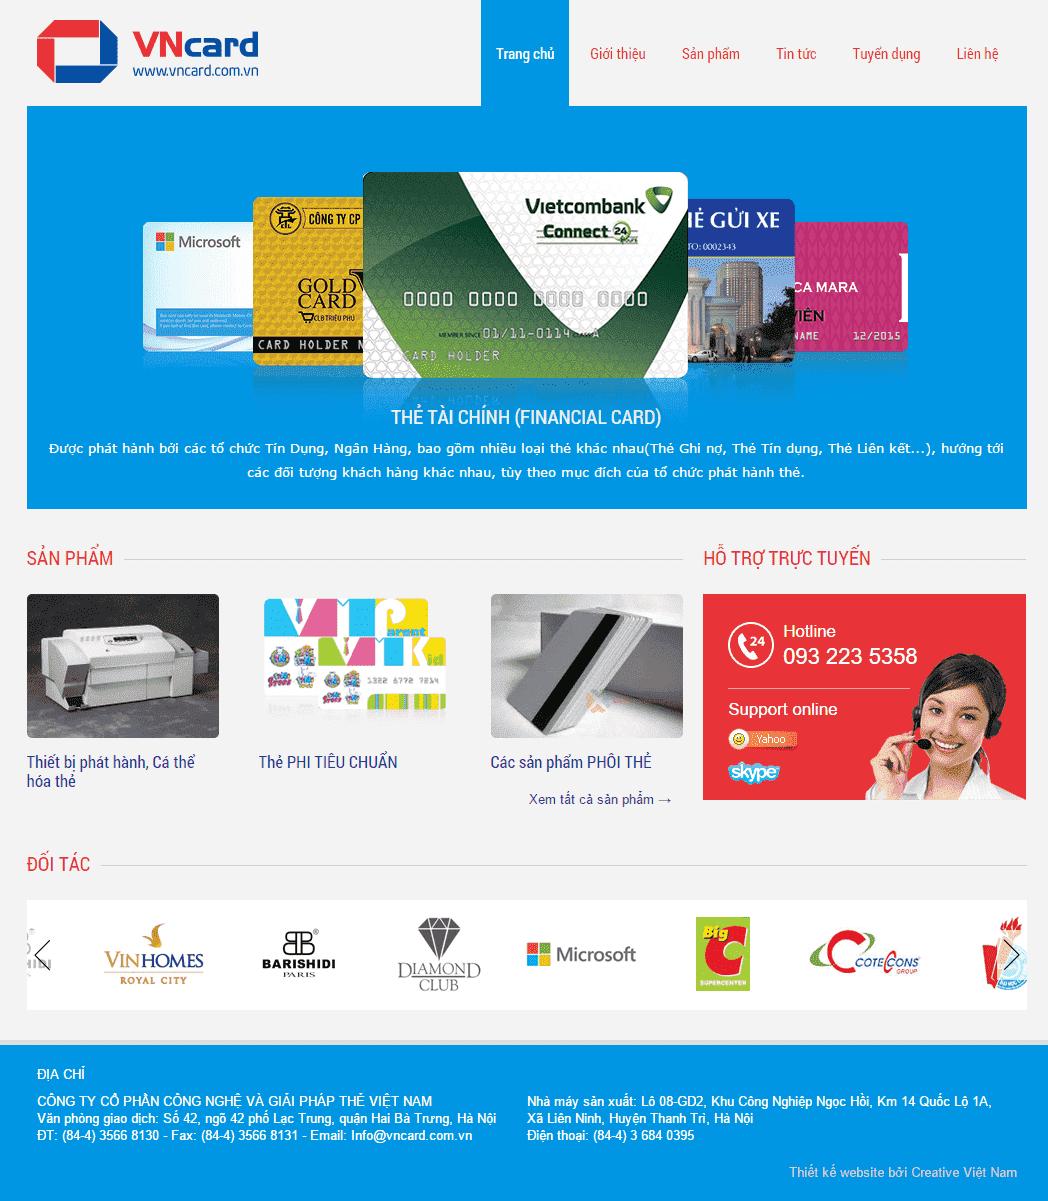 vncard.com.vn